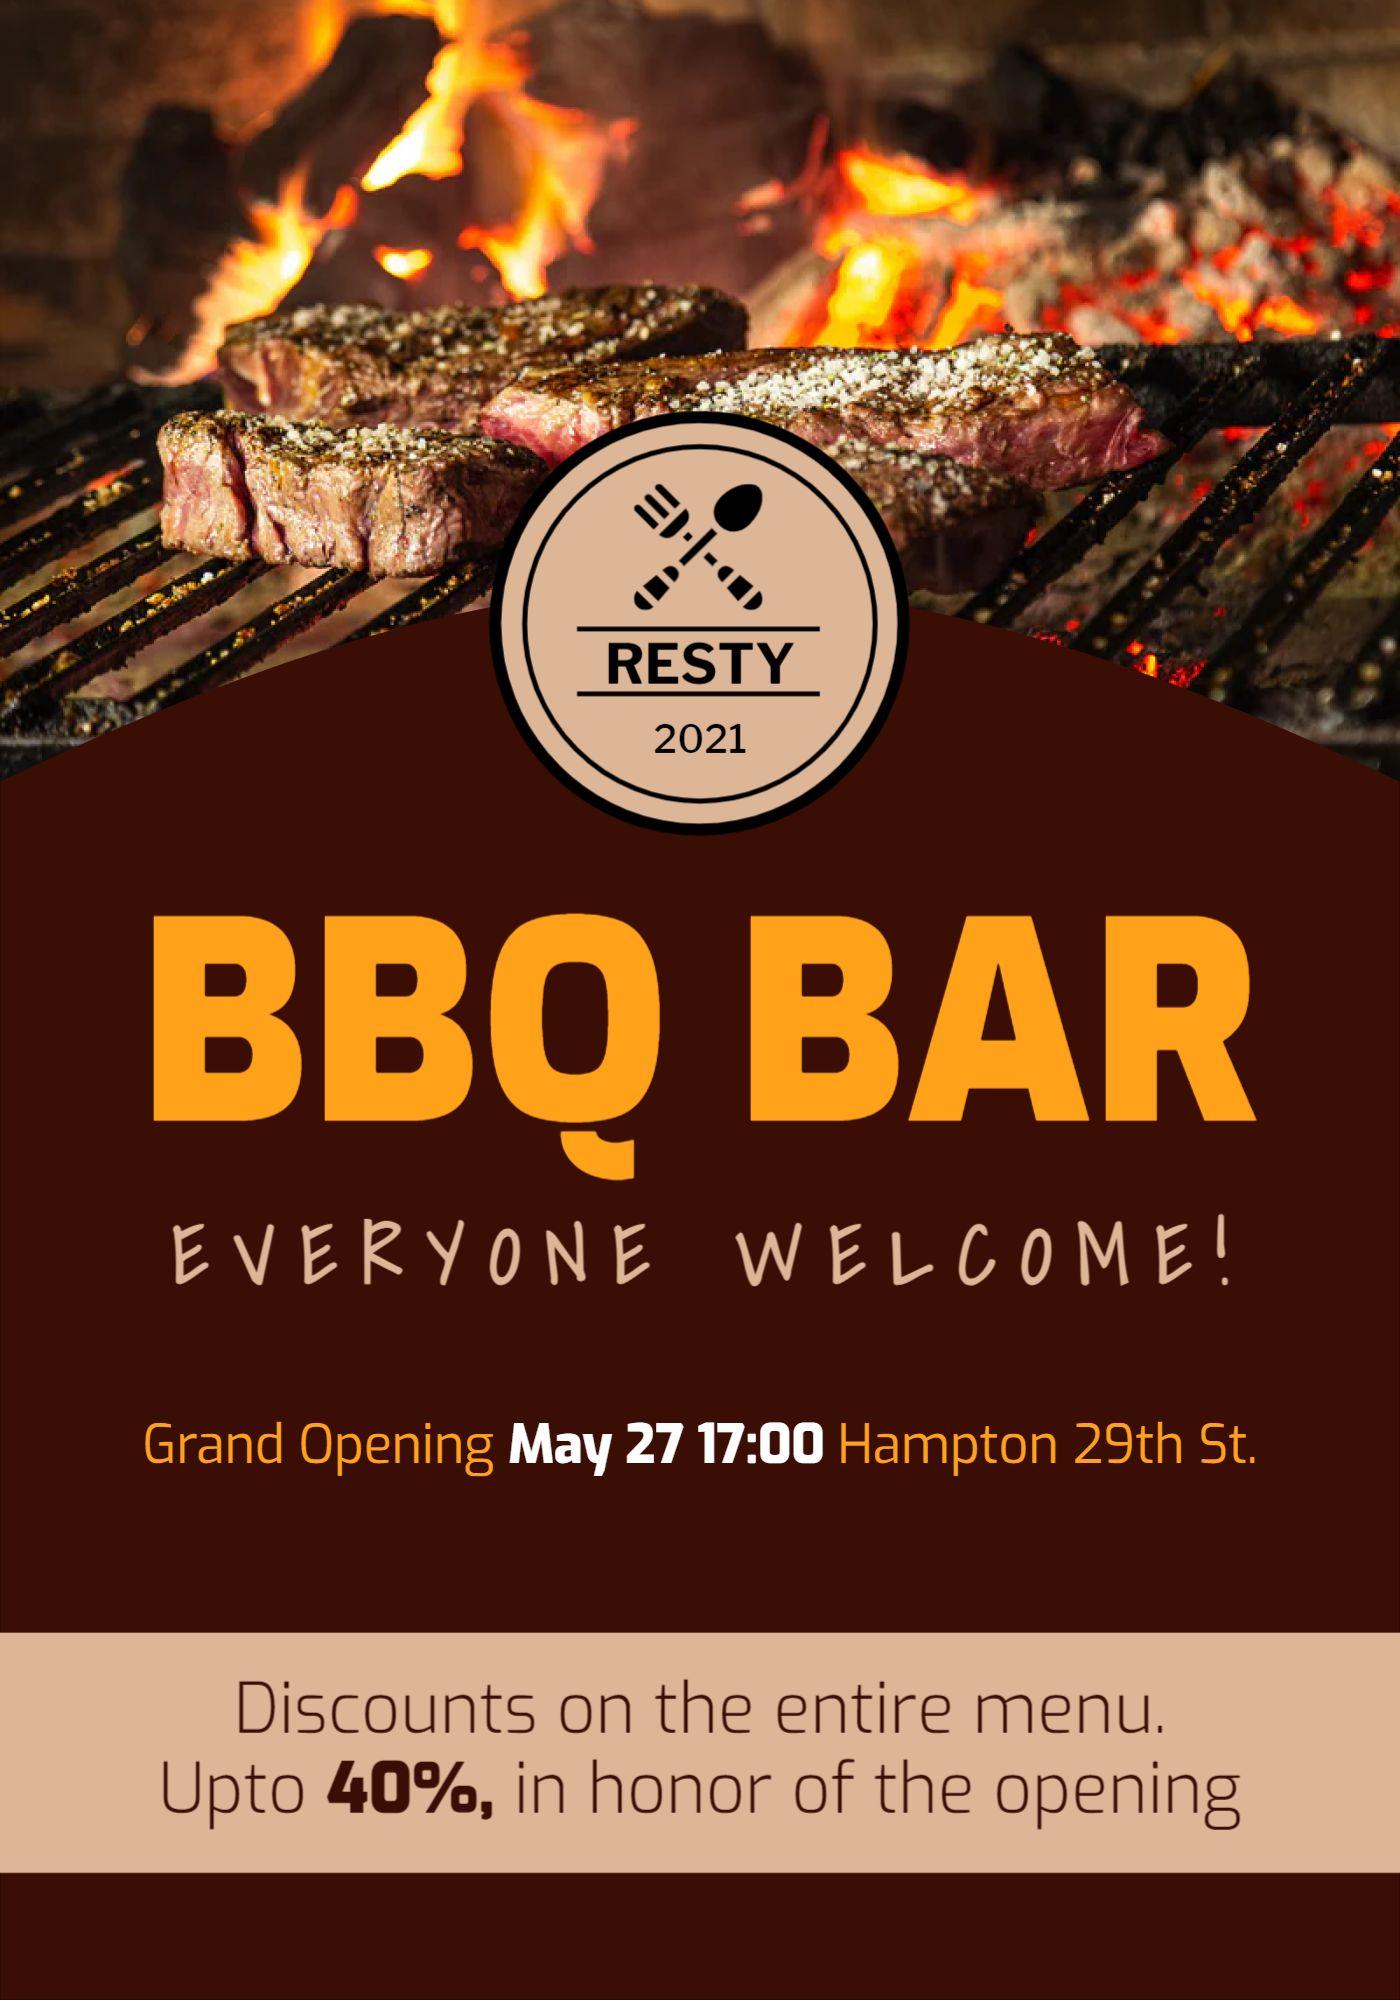 BBQ Bar Flyer Template